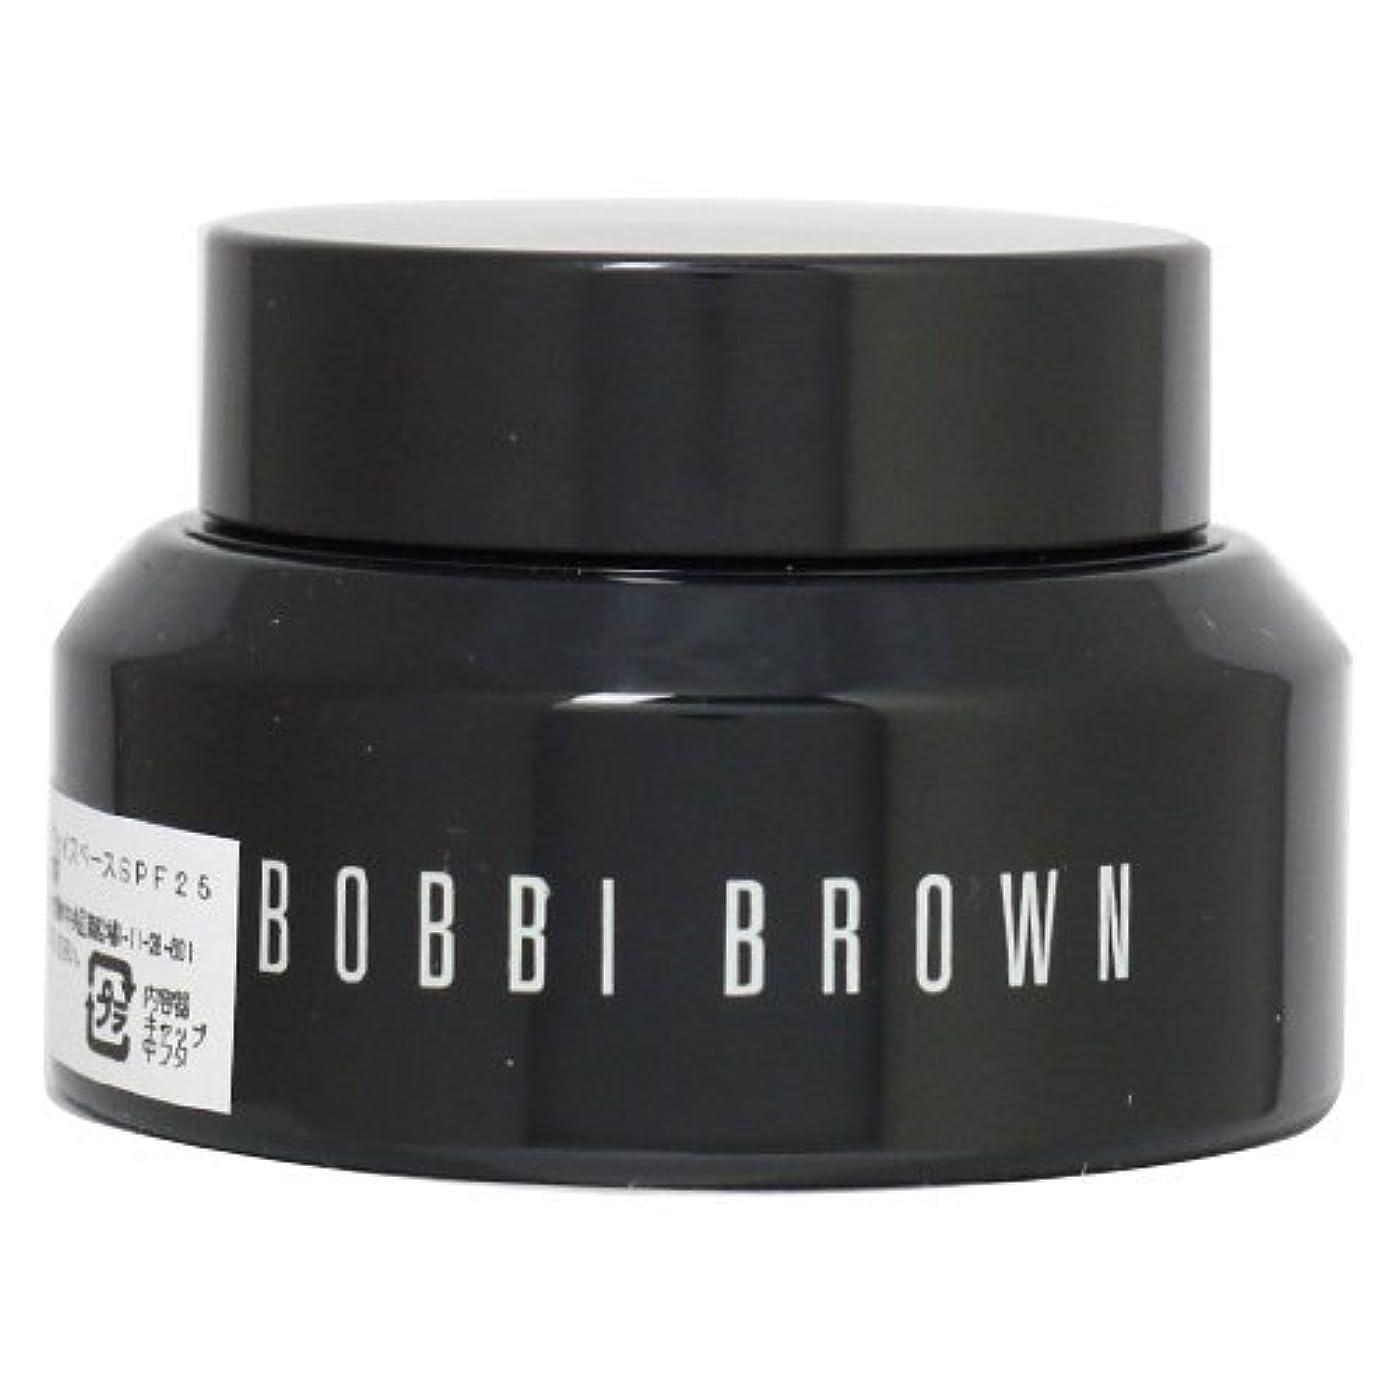 選ぶ腕名門ボビーブラウン(BOBBI BROWN) イルミネイティング フェイスベース 30ml[並行輸入品]